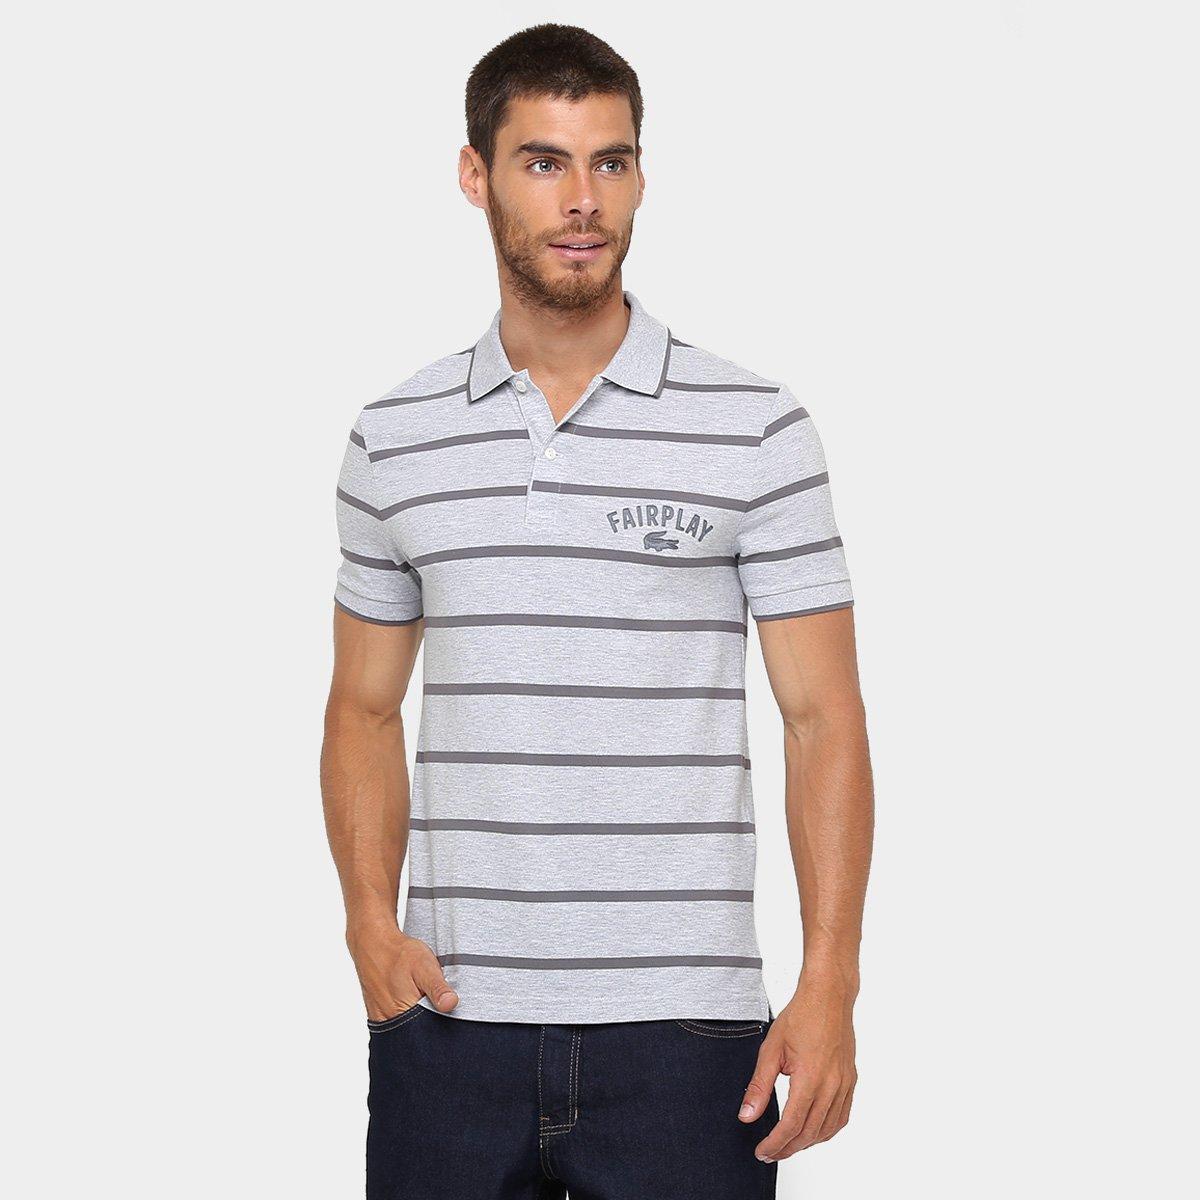 9fb032e7e5839 Camisa Polo Lacoste Piquet Listras Fair Play - Compre Agora   Zattini